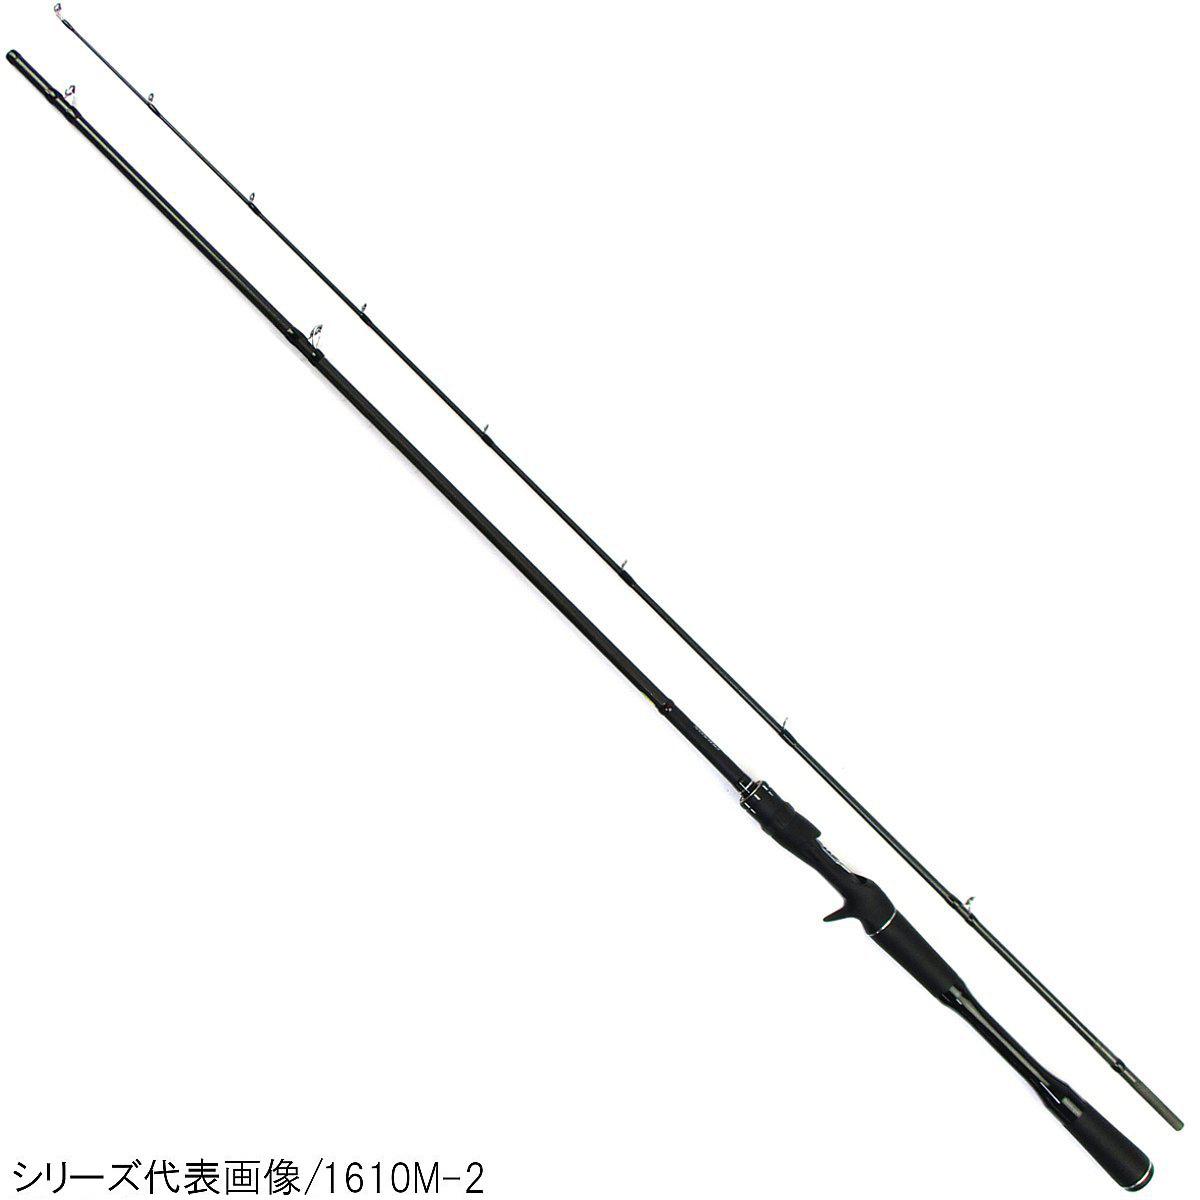 シマノ ポイズンアドレナ センターカット2ピース(ベイト) 163L-BFS/2【送料無料】